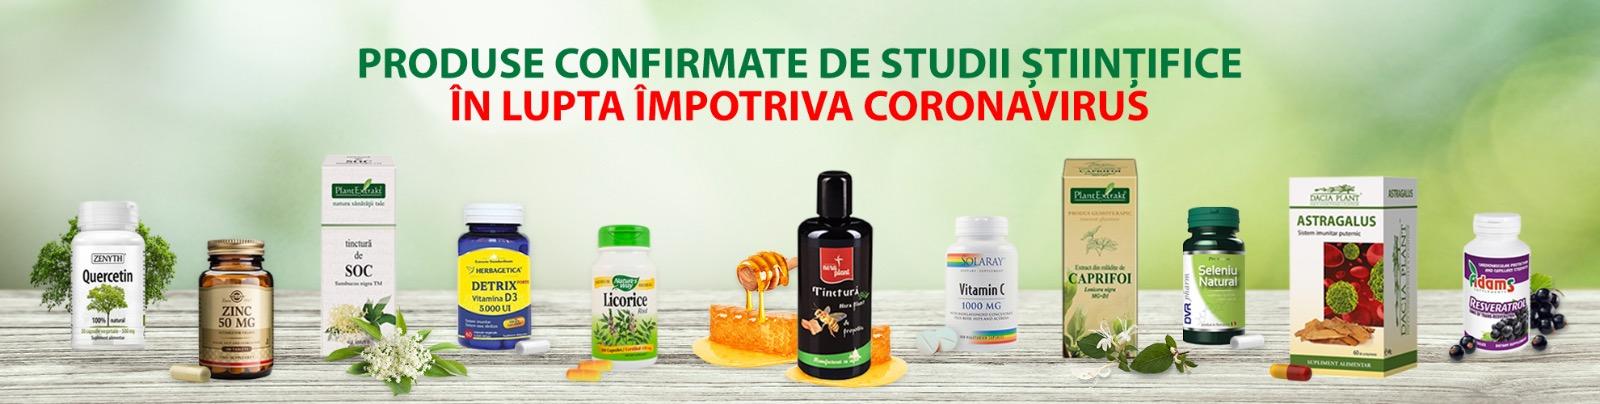 Produse confirmate de studii stiintifice impotriva CORONAVIRUS